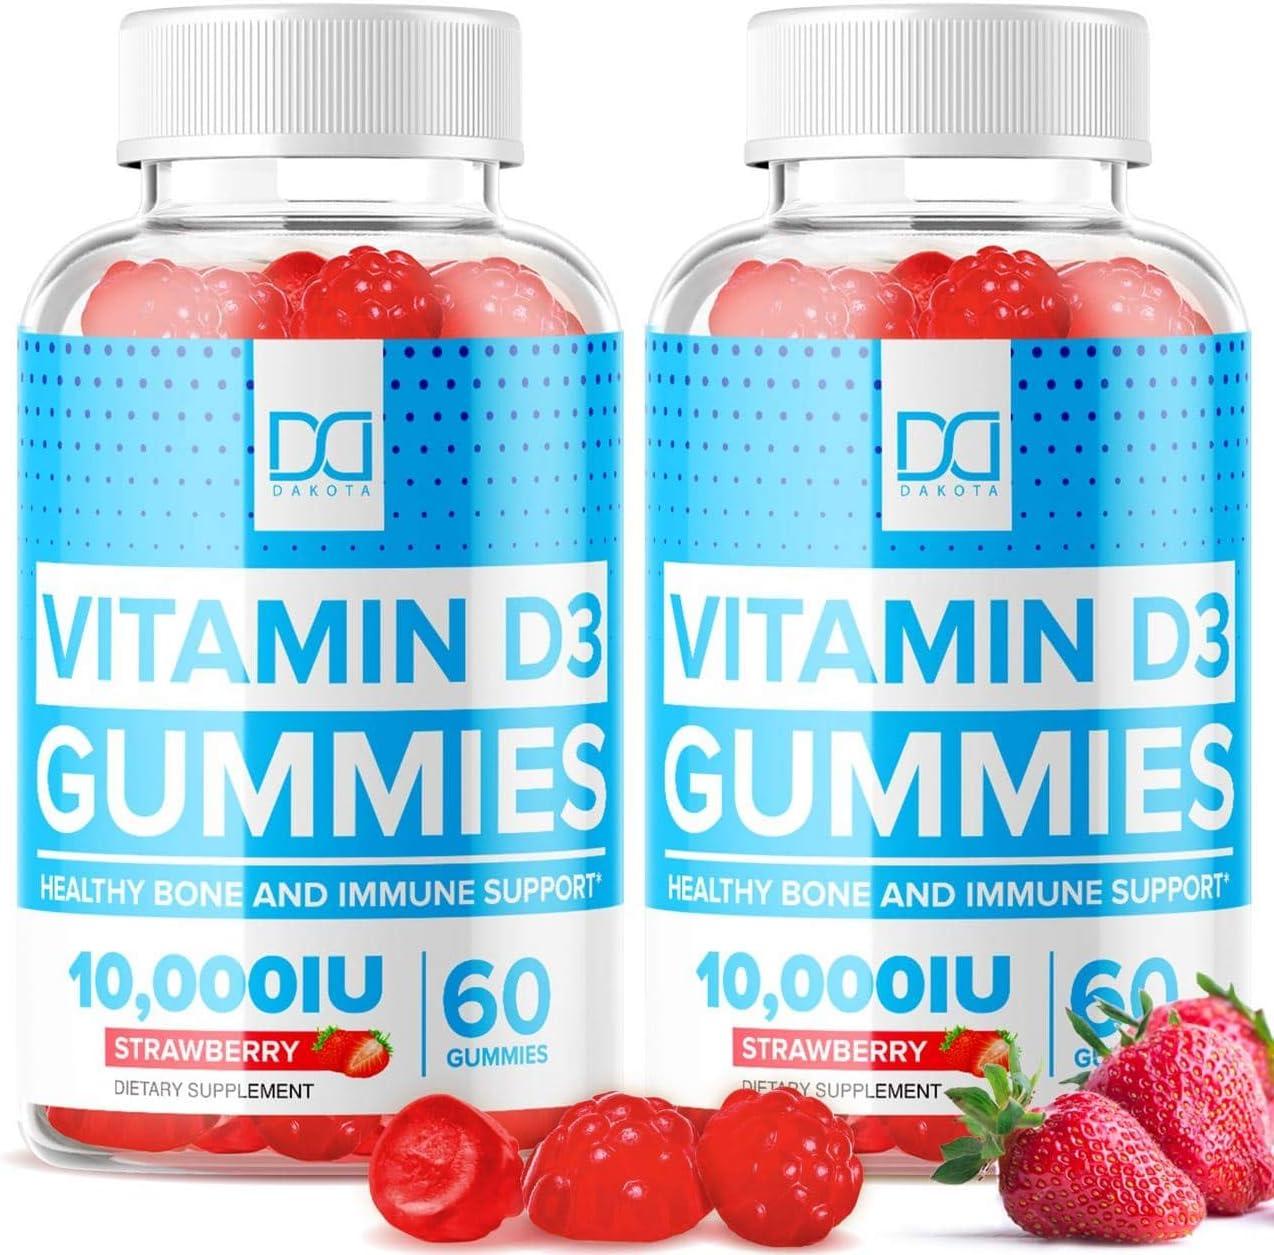 Dakota 10000 IU Gummies 2 Pack Vegan Vitamin D3 $21.20 Coupon